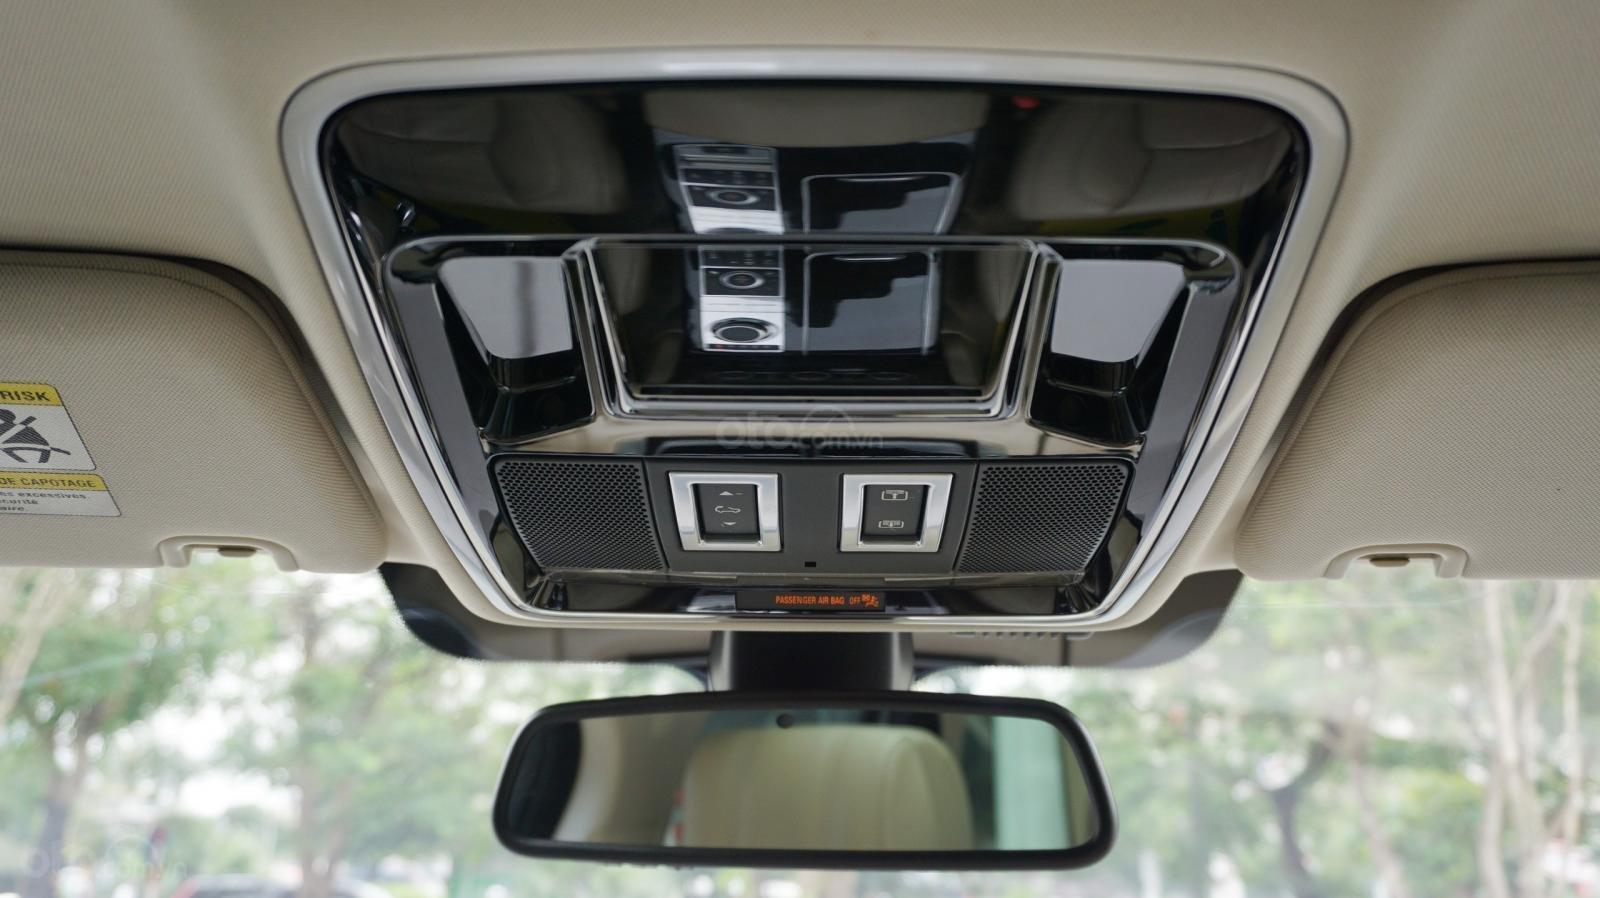 Bán LandRover Range Rover HSE đời 2015, màu bạc, nhập khẩu Mỹ. LH 0982.84.2838-9